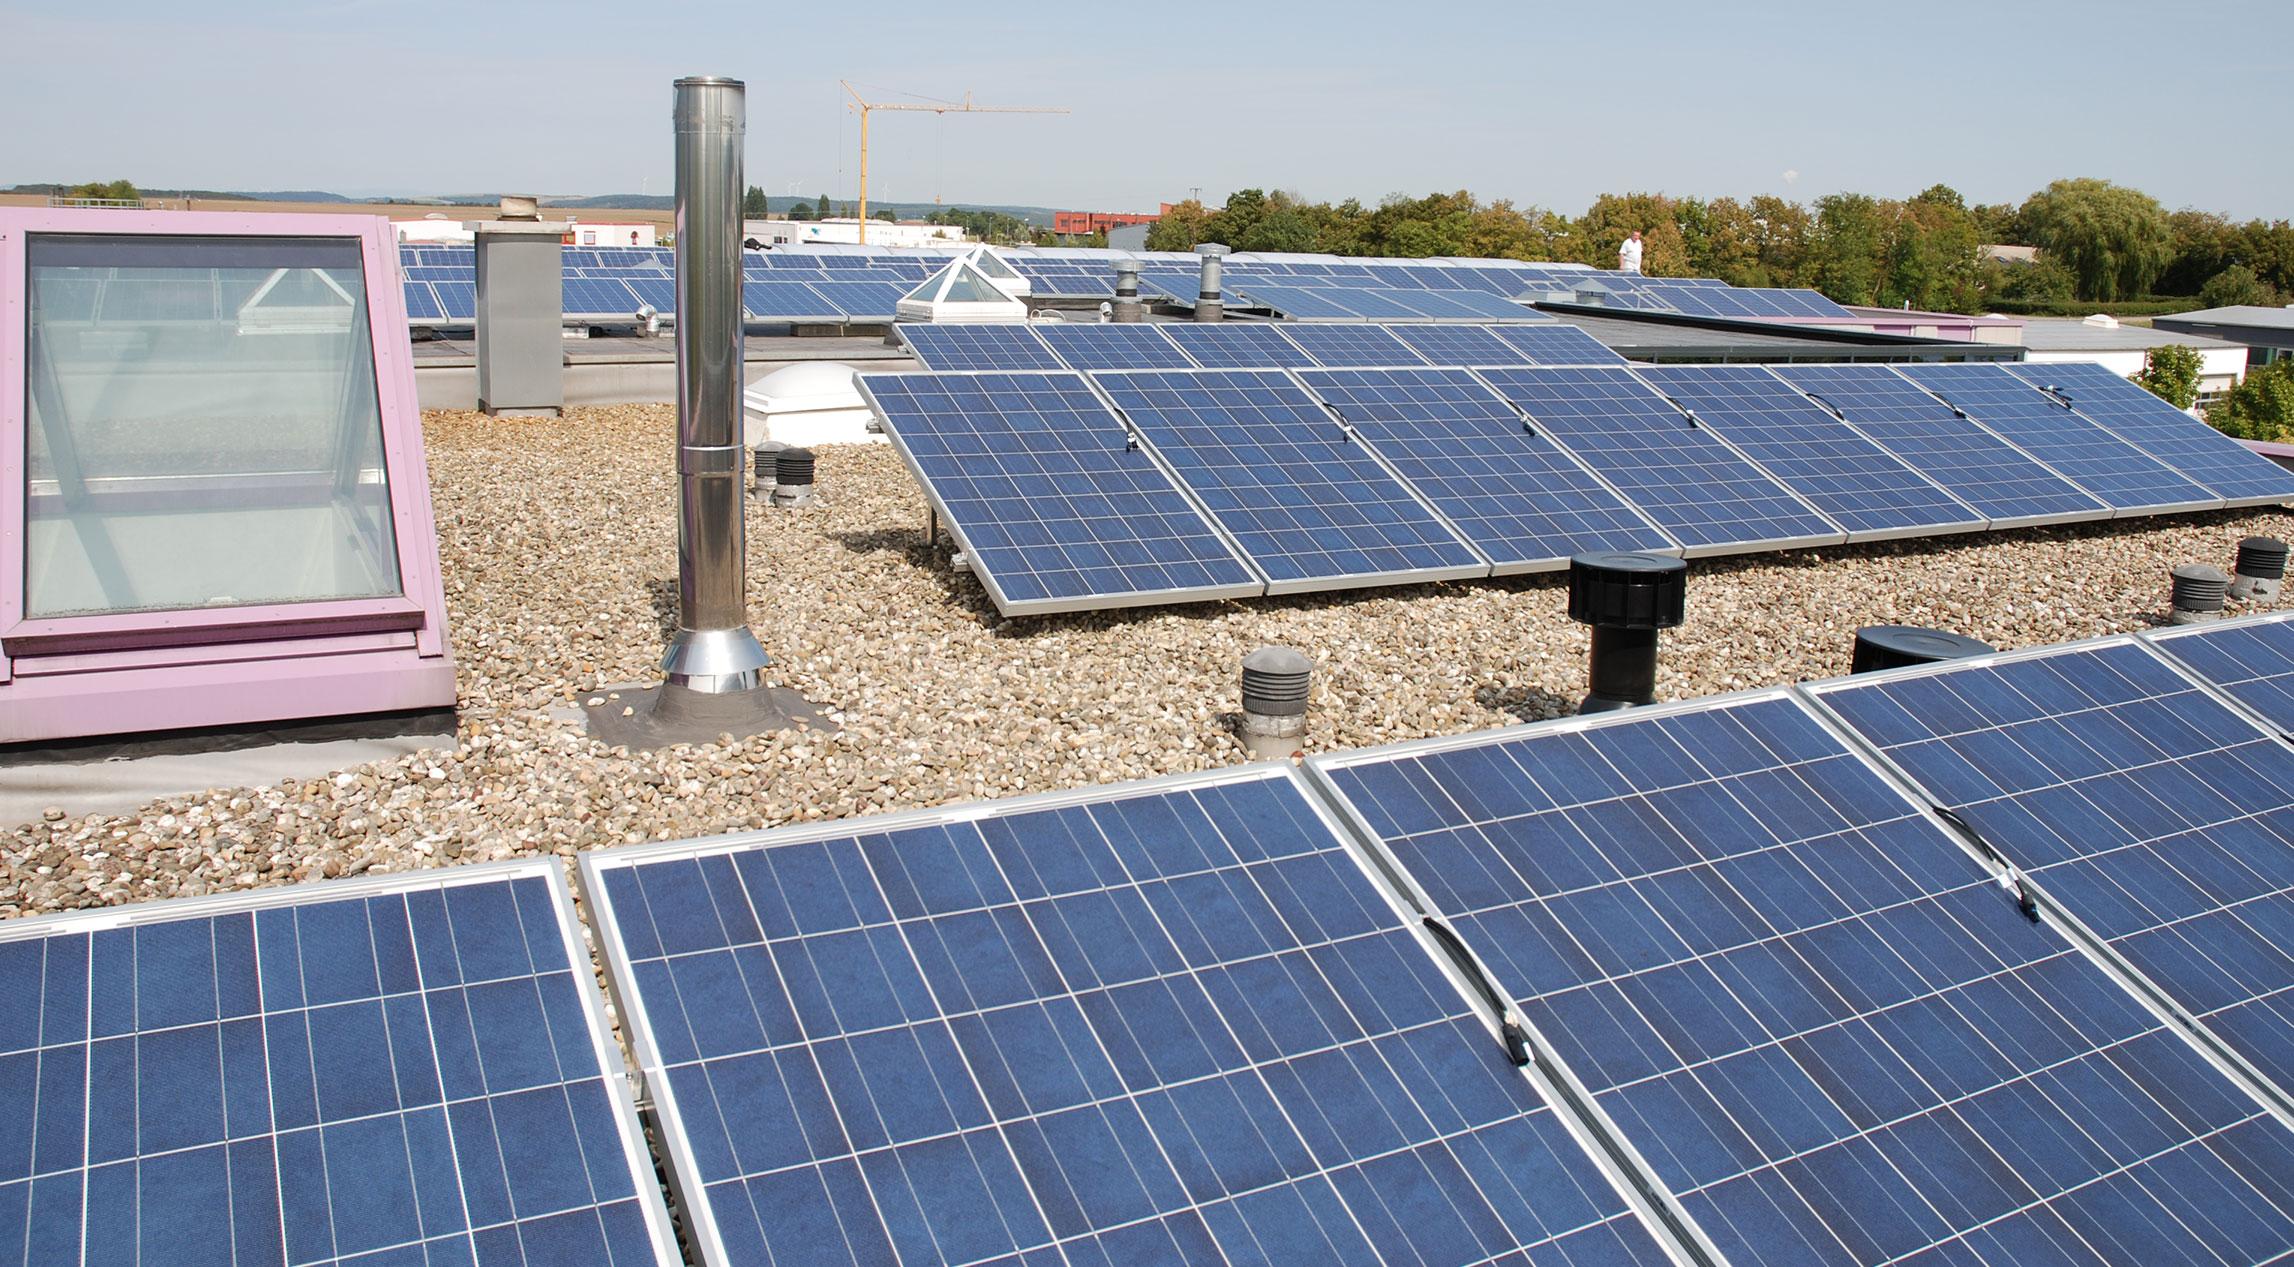 Viele Solarpanele auf Flachdach